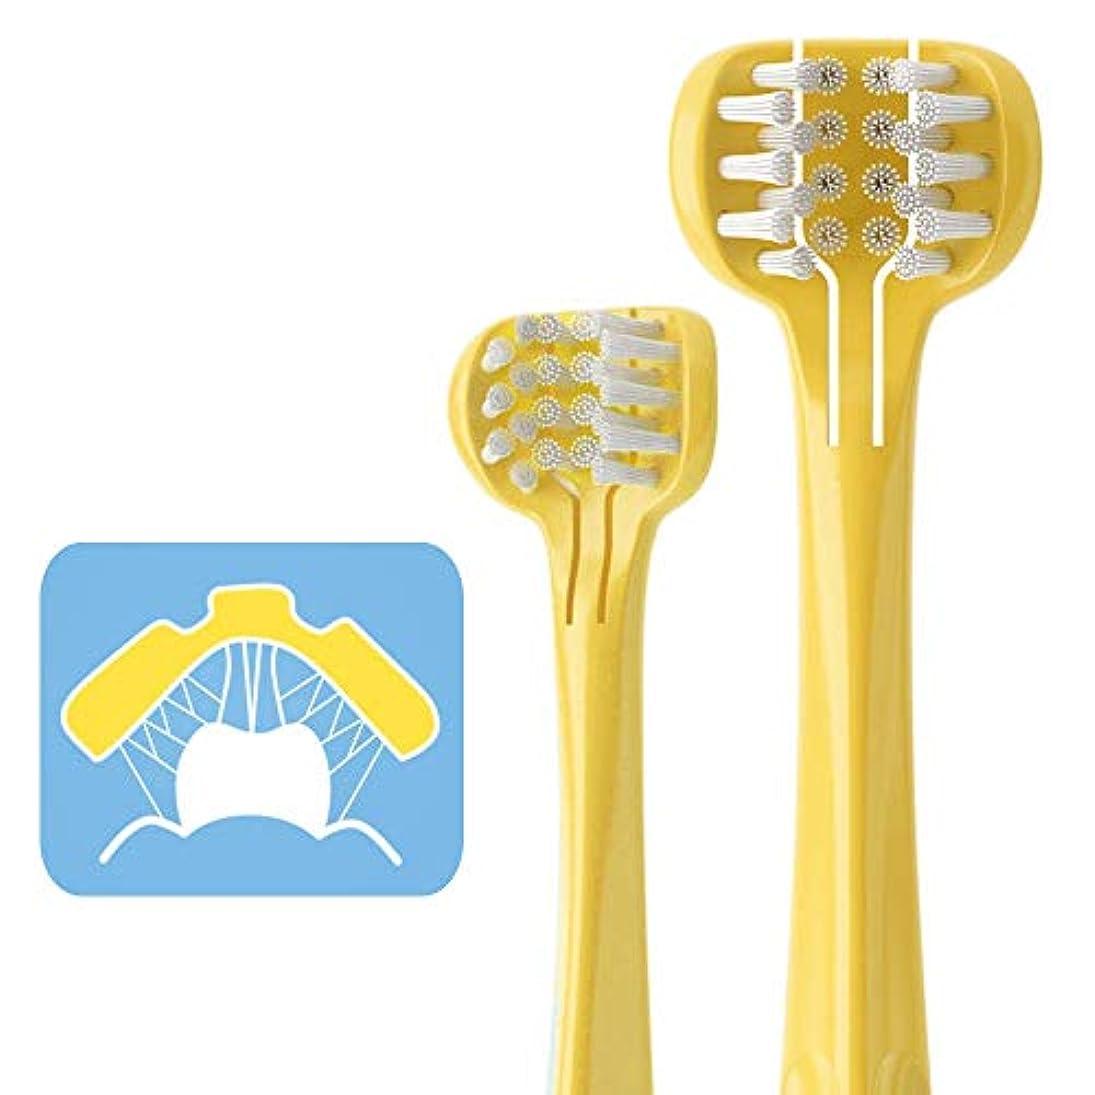 ドレインまだら硬さ子供用 歯ブラシ、柔軟でラップアラウンド、トレーニング歯ブラシ、子どもの歯磨き時間を節約、子ども用三面歯ブラシ 1歳以上に適用 (イエロー)